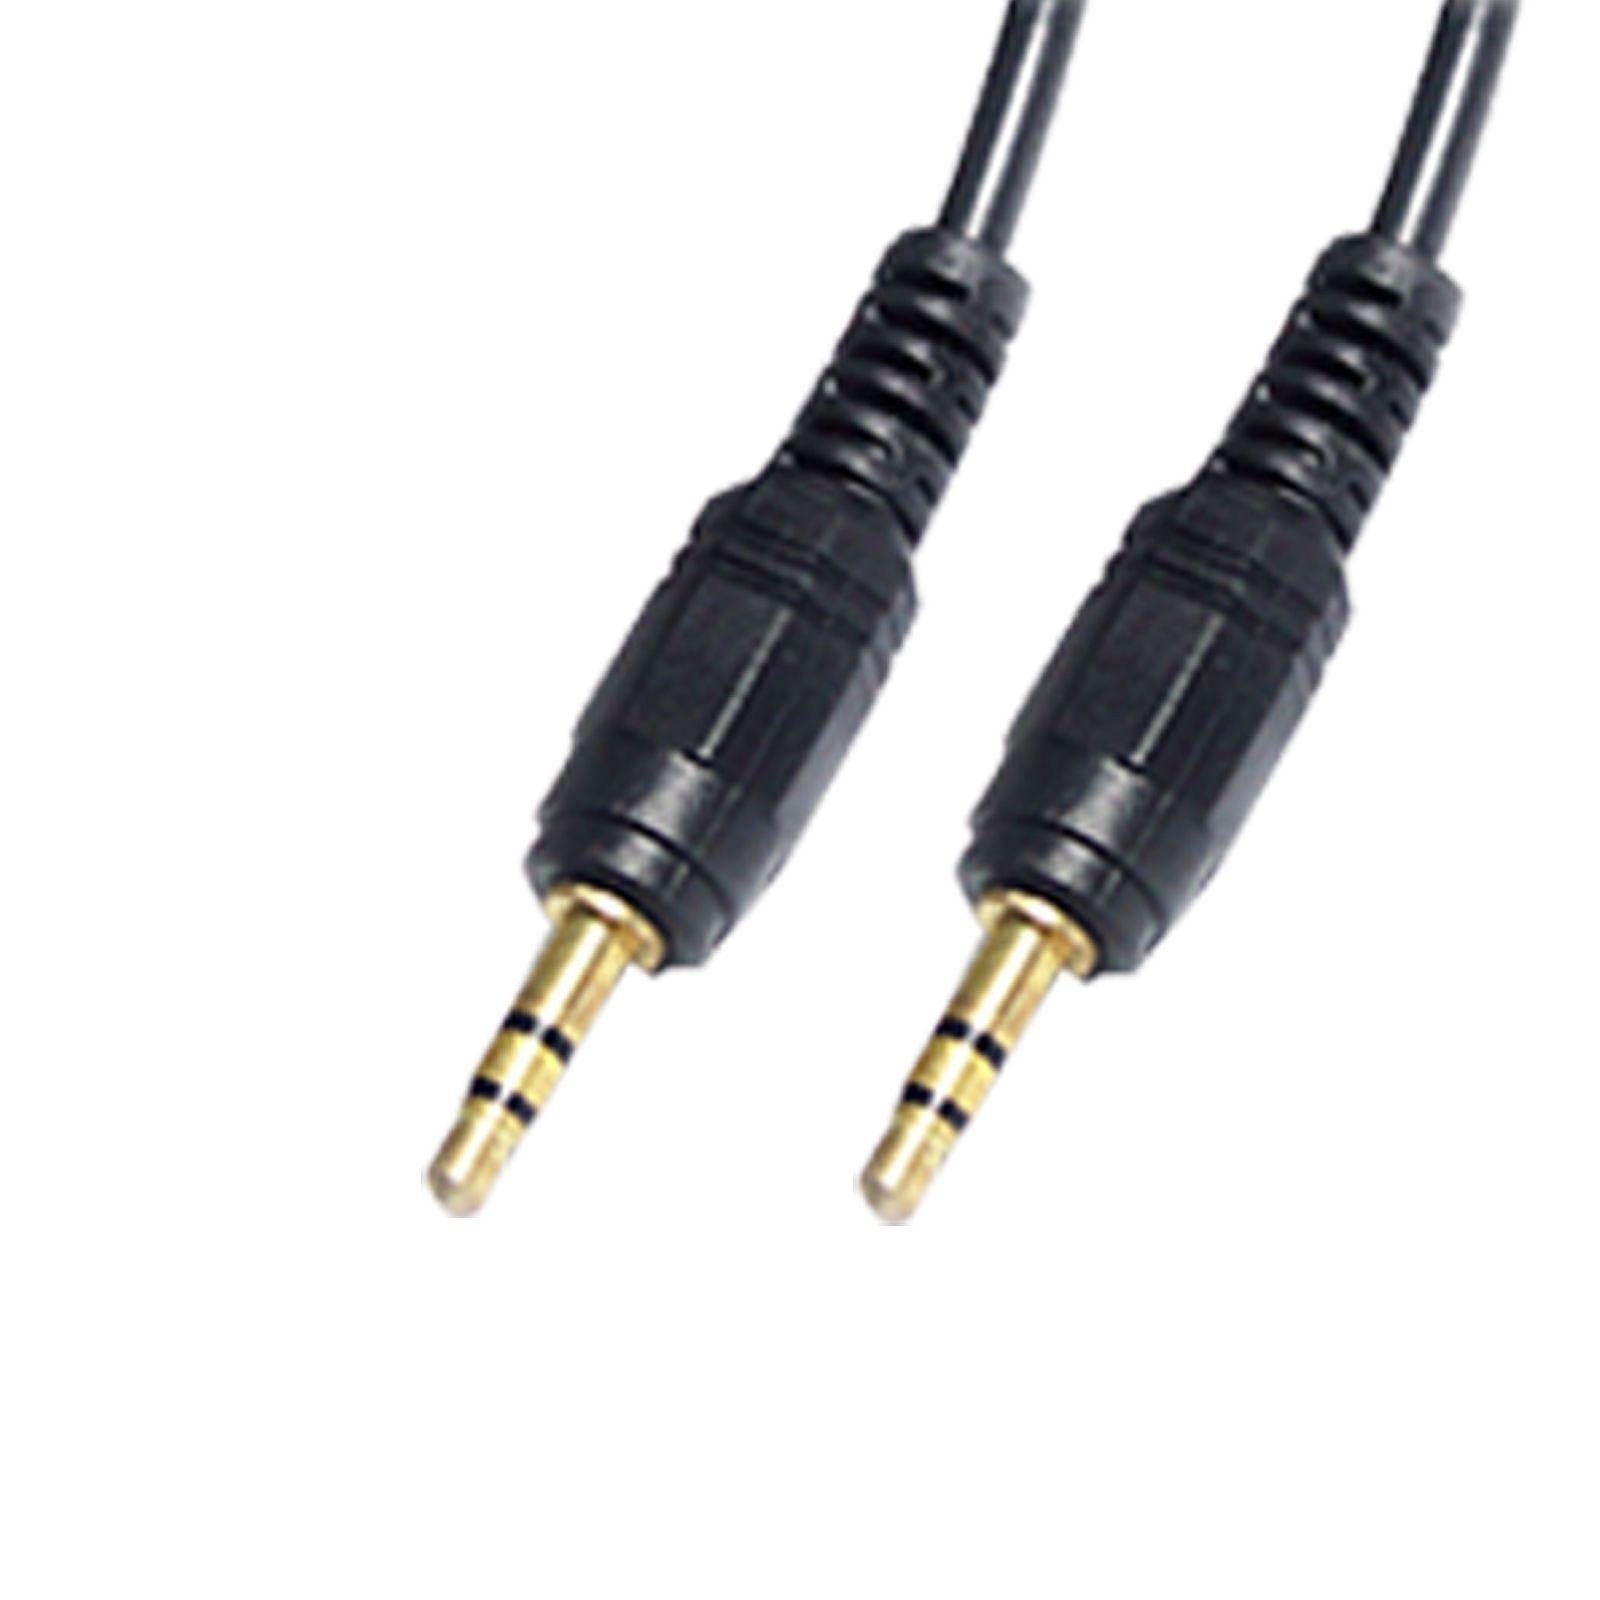 Kaiser 1408 Studio Flash Sync Cable Jack de 10 metros 3.5MM K1408